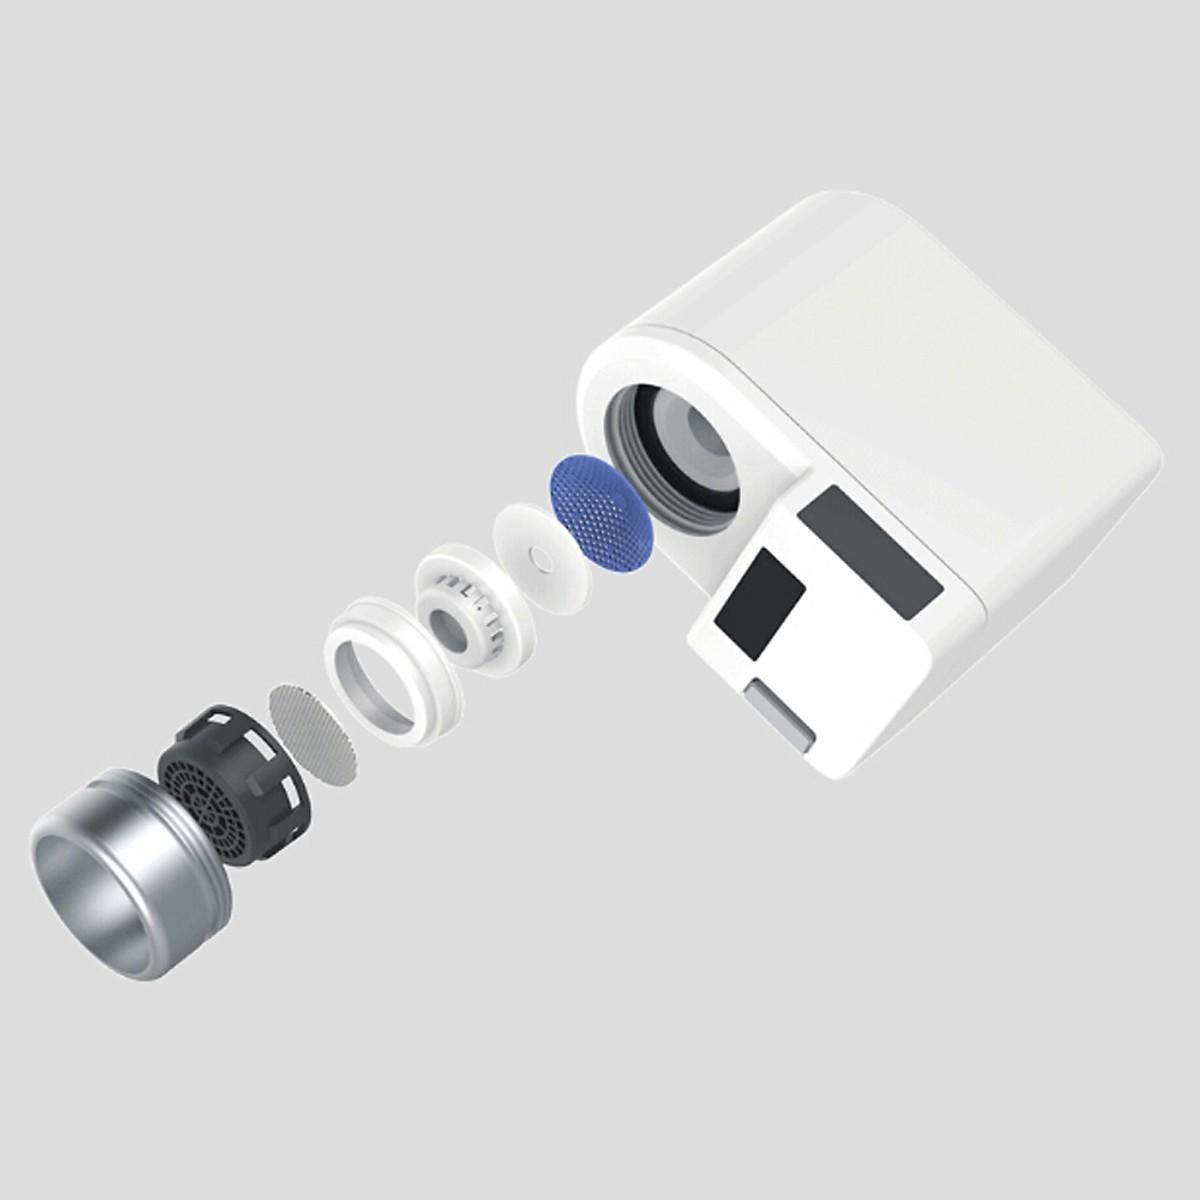 Van khóa nước cảm ứng thông minh ZaJia tự động đóng mở vòi nước - Hàng nhập khẩu